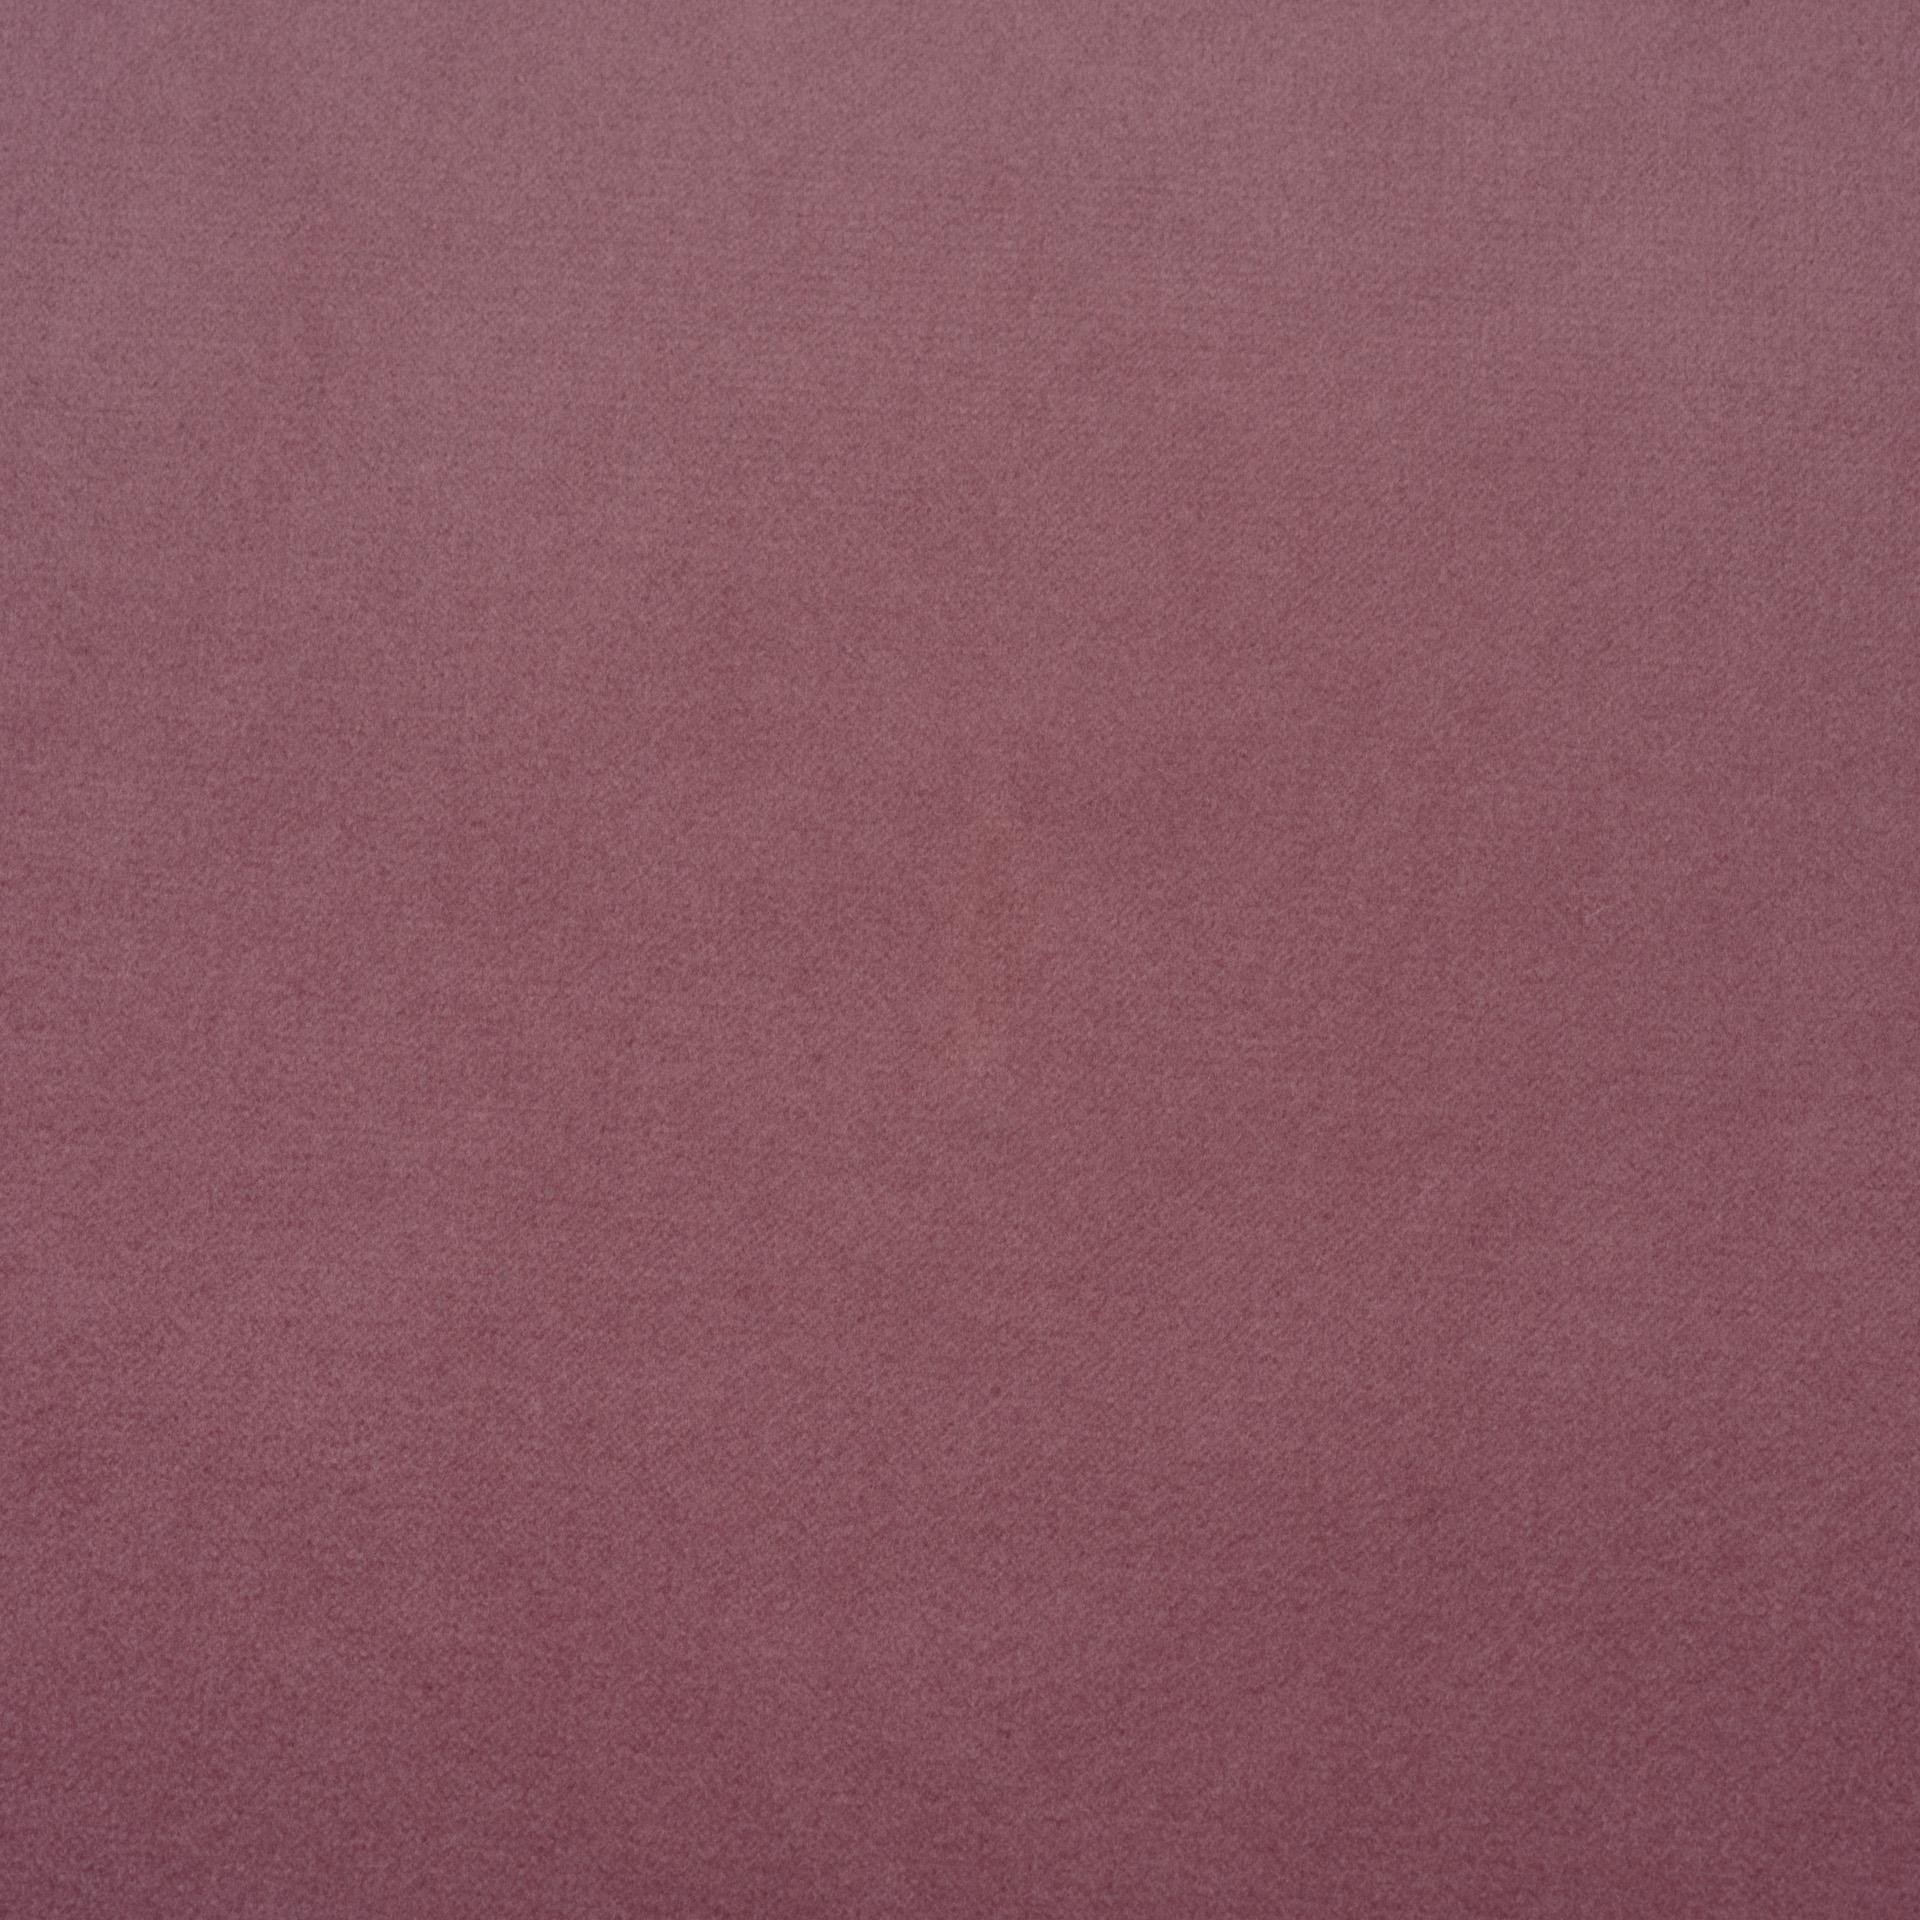 Коллекция ткани Багира 14 ROSE ICE,  купить ткань Велюр для мебели Украина